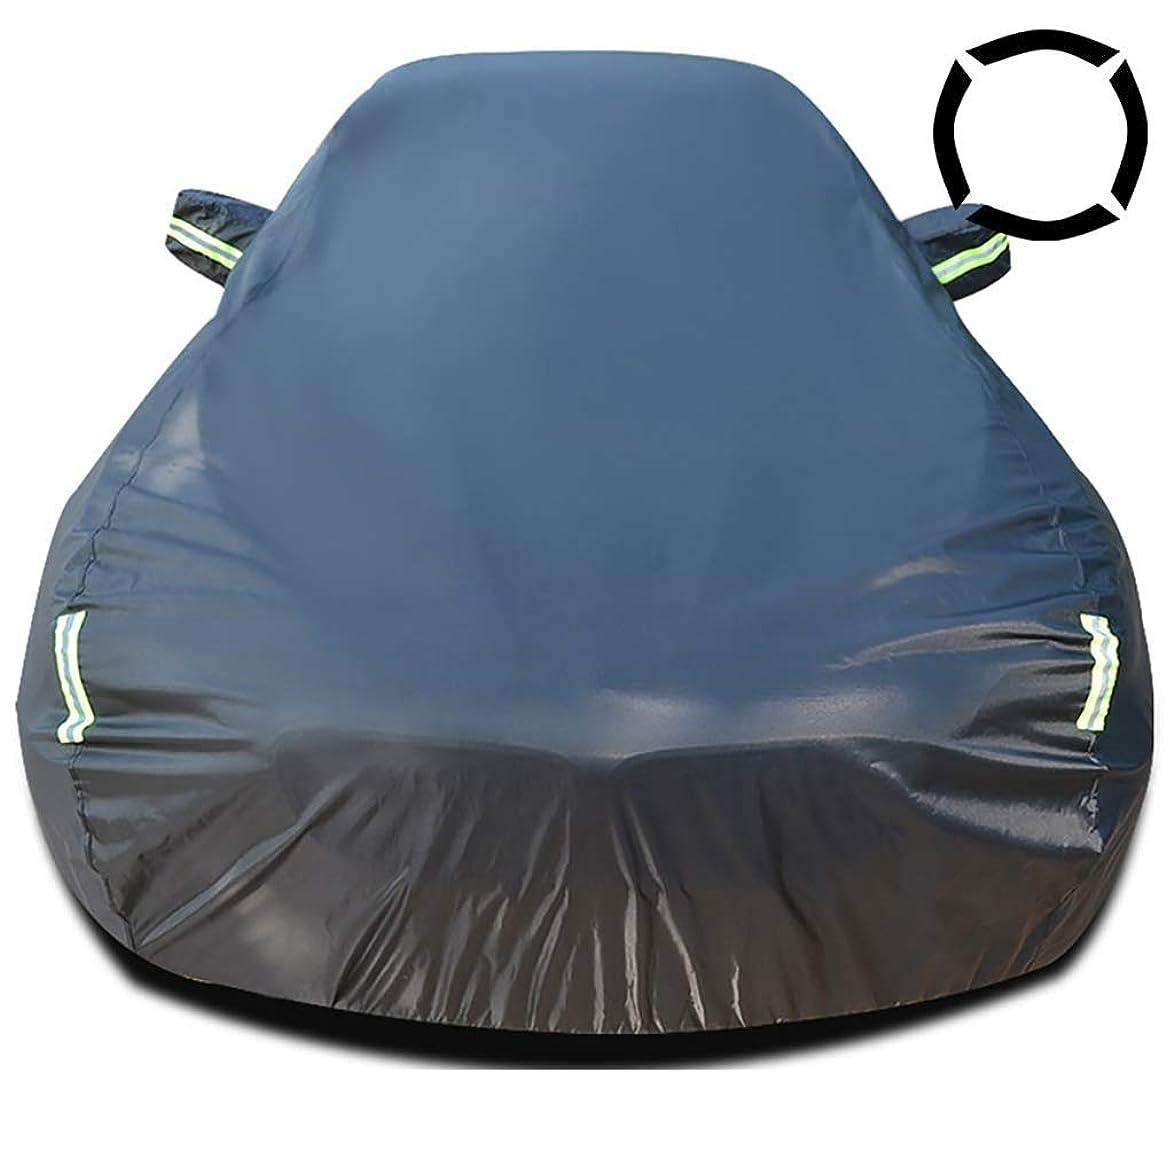 仲人動的皮肉な蛍光灯が付いている車のカバー防水カーカバーはUVプロテクション全ての天気雪ダスト雨耐風屋外プロテクター車の服フィットX5 X3のX6のX1のX4 Z4ストリップ (Size : BMW X4)